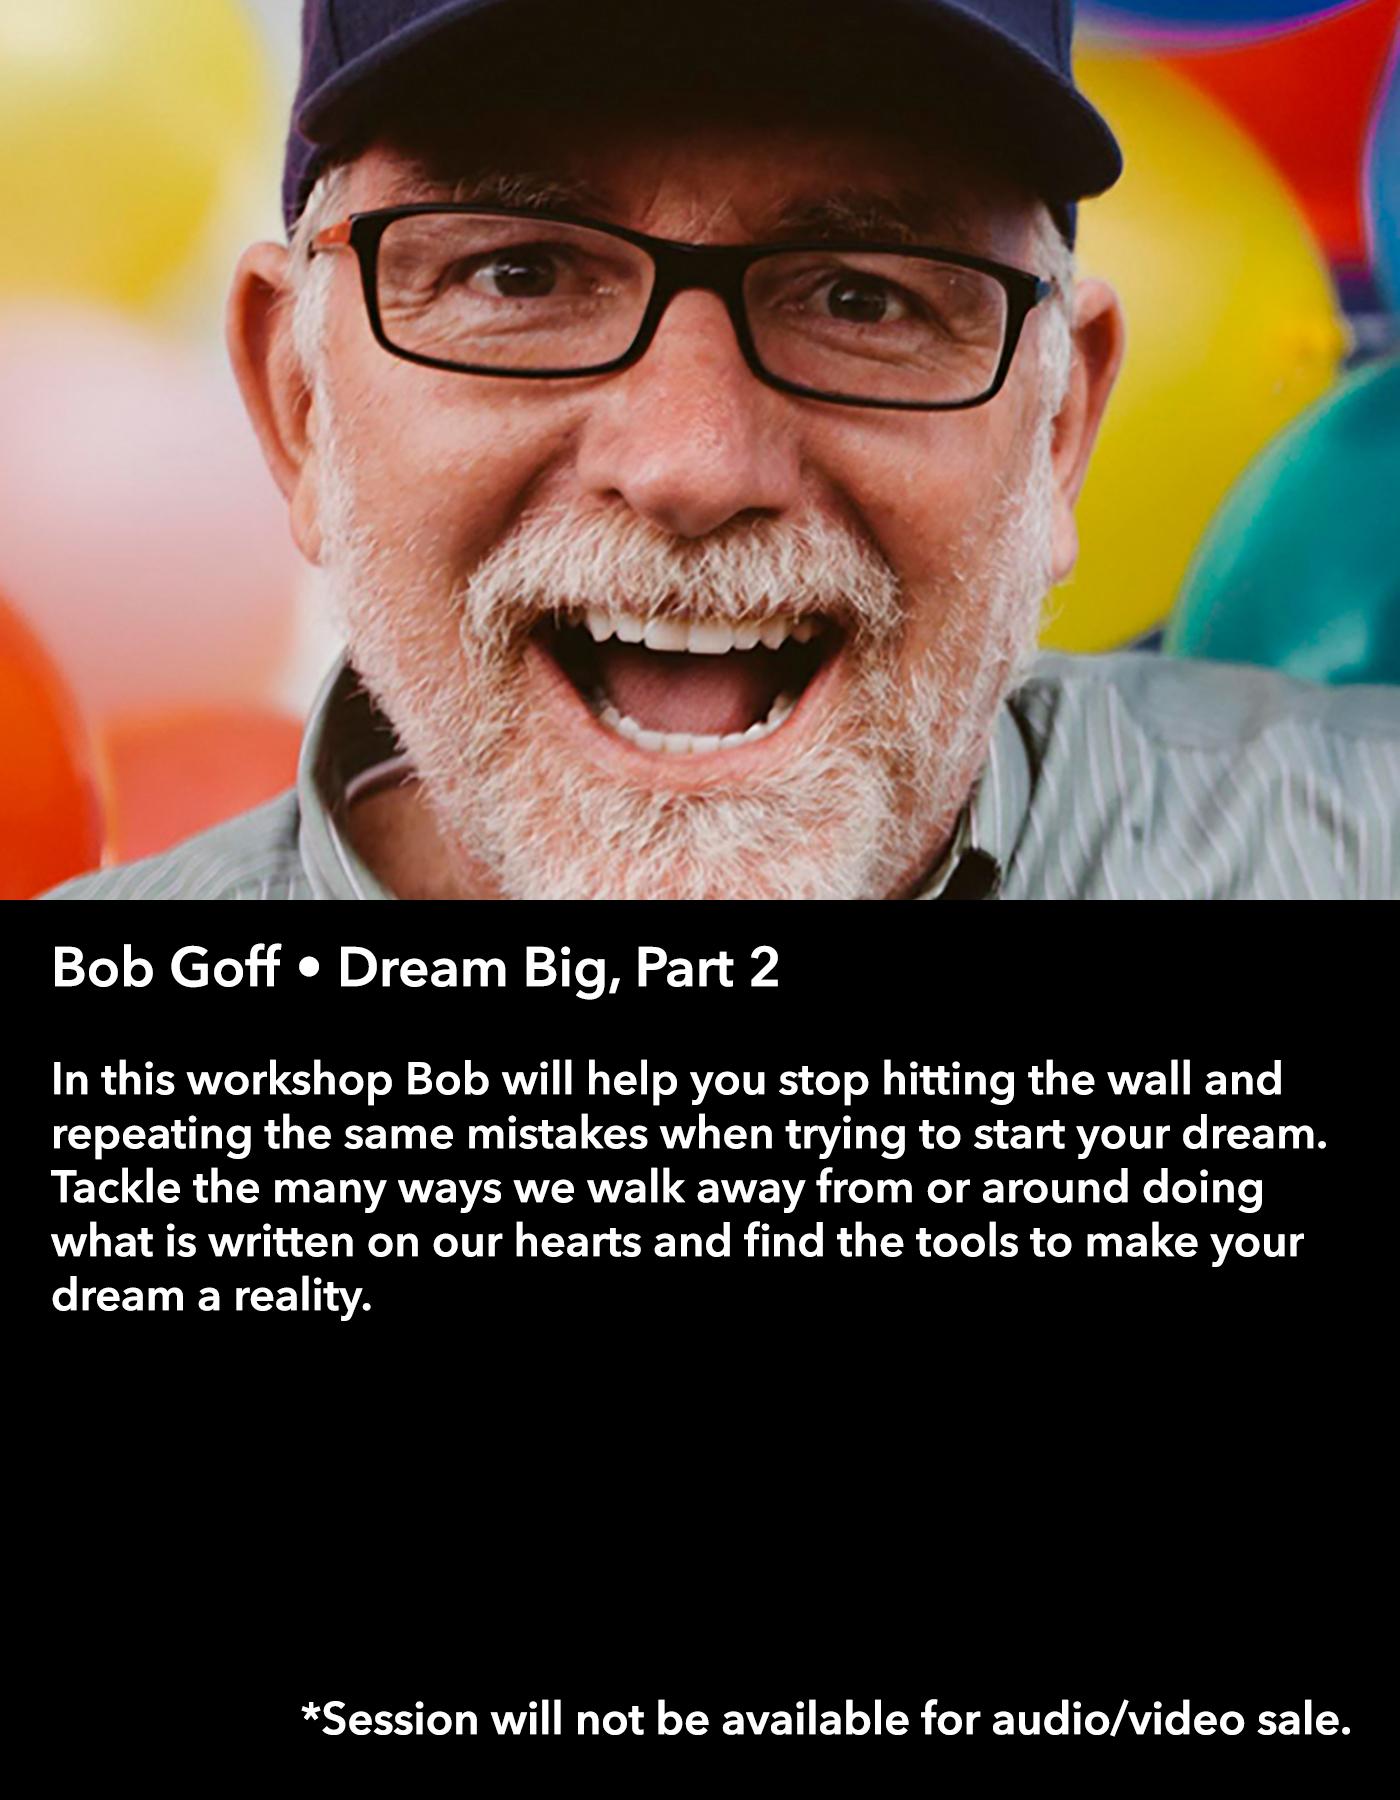 Bob Goff • Dream Big, Part 2 • Friday Night, March 17 • 8:30 – 9:45 pm